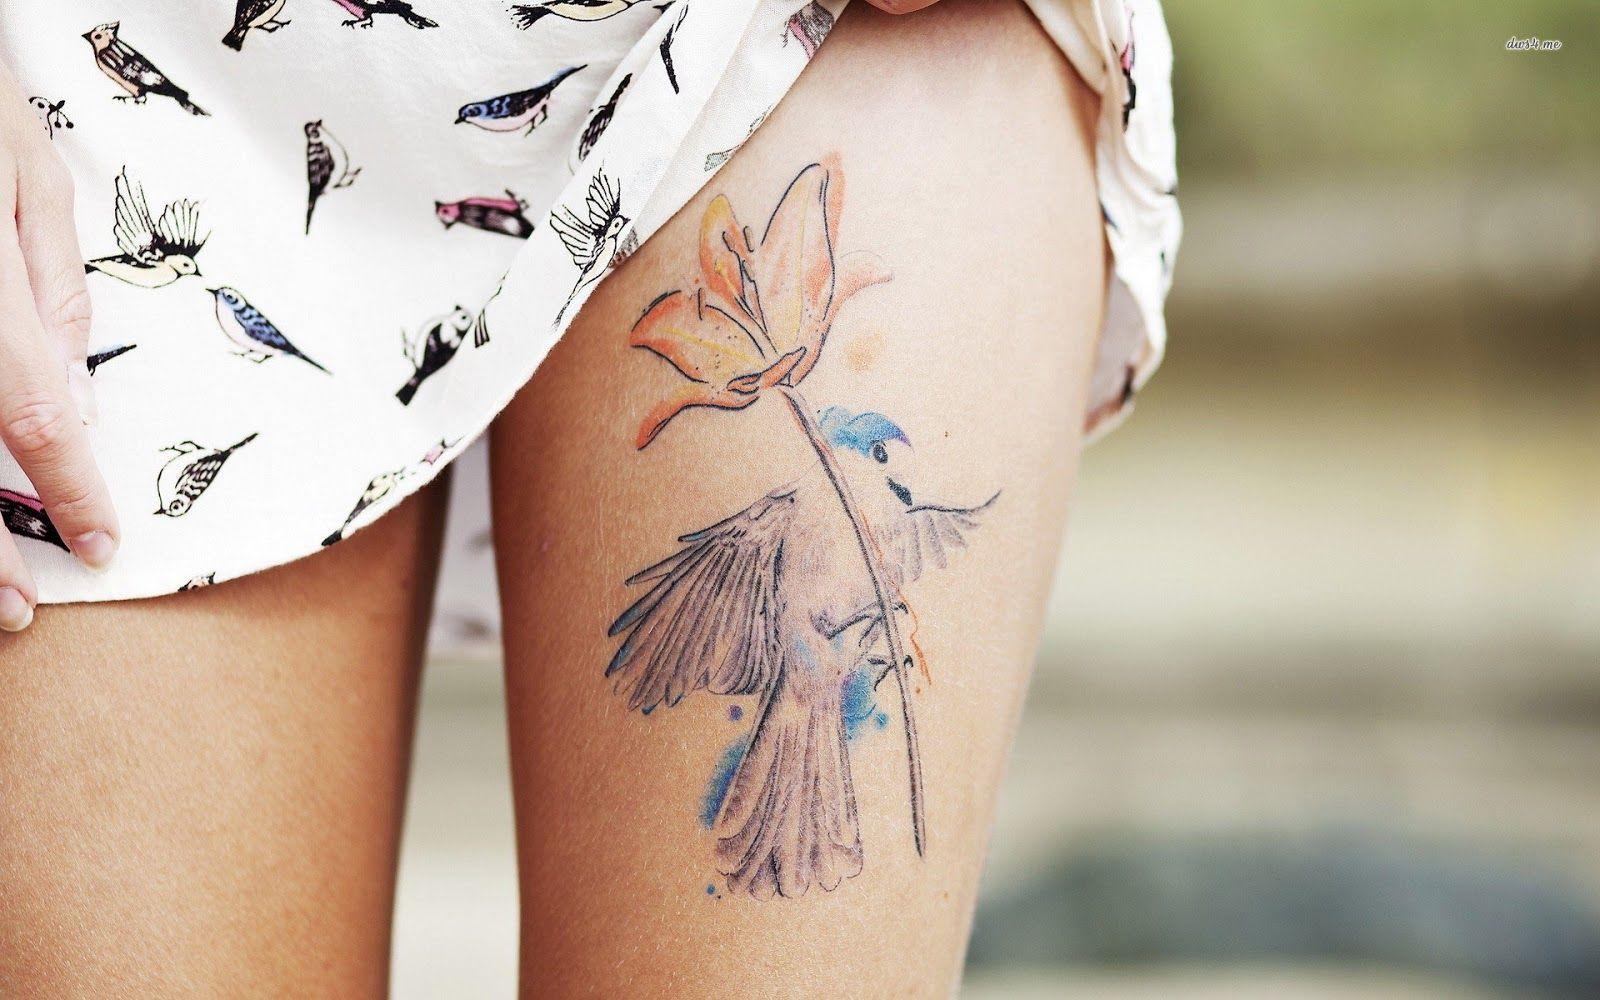 De colibri en la espalda significado tatuaje colibri tatuaje tattoo - Chica Nos Ense A Su Tatuaje En La Parte Superior Del Muslo De Un Colibri Y Ina